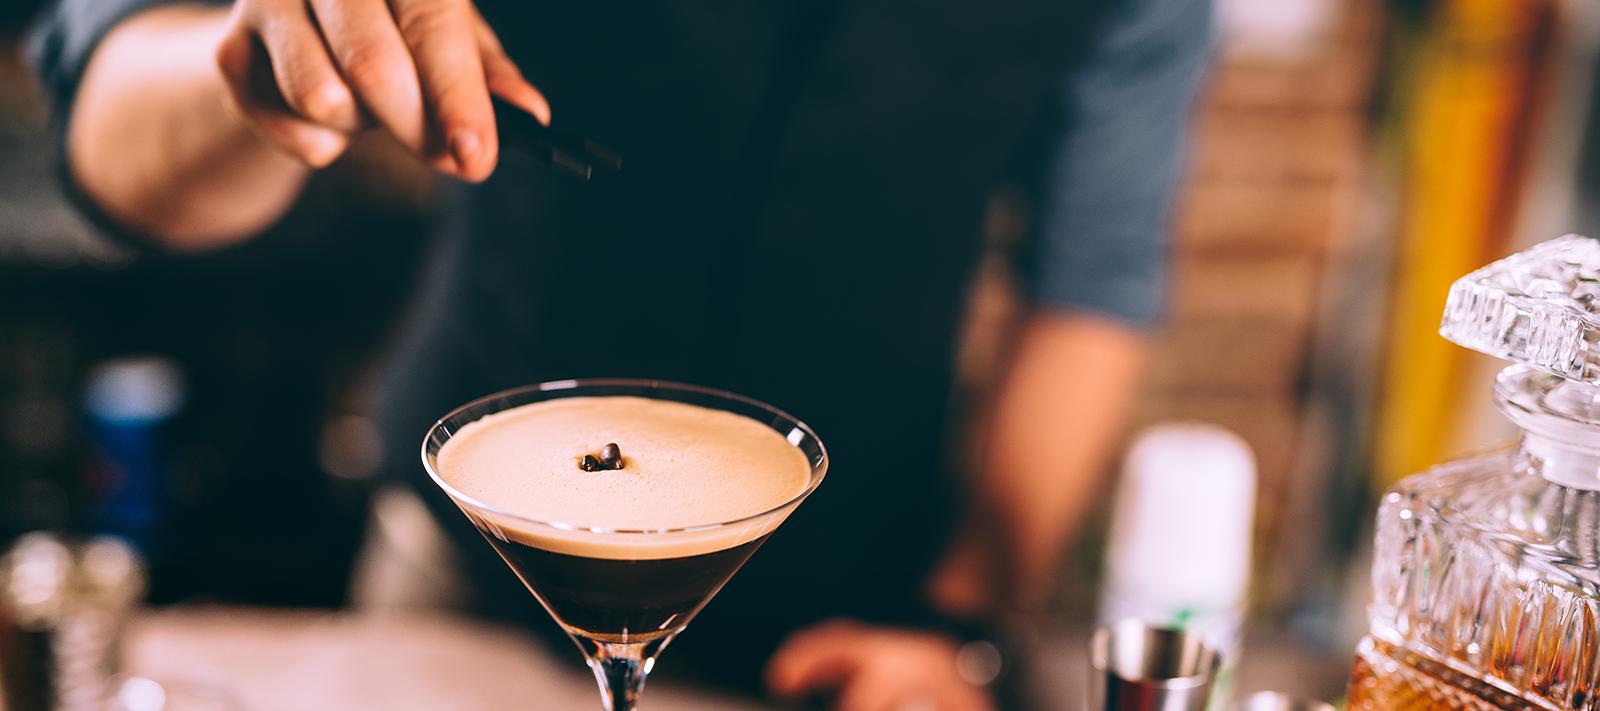 Café dans les cocktails article le coin des experts coloma